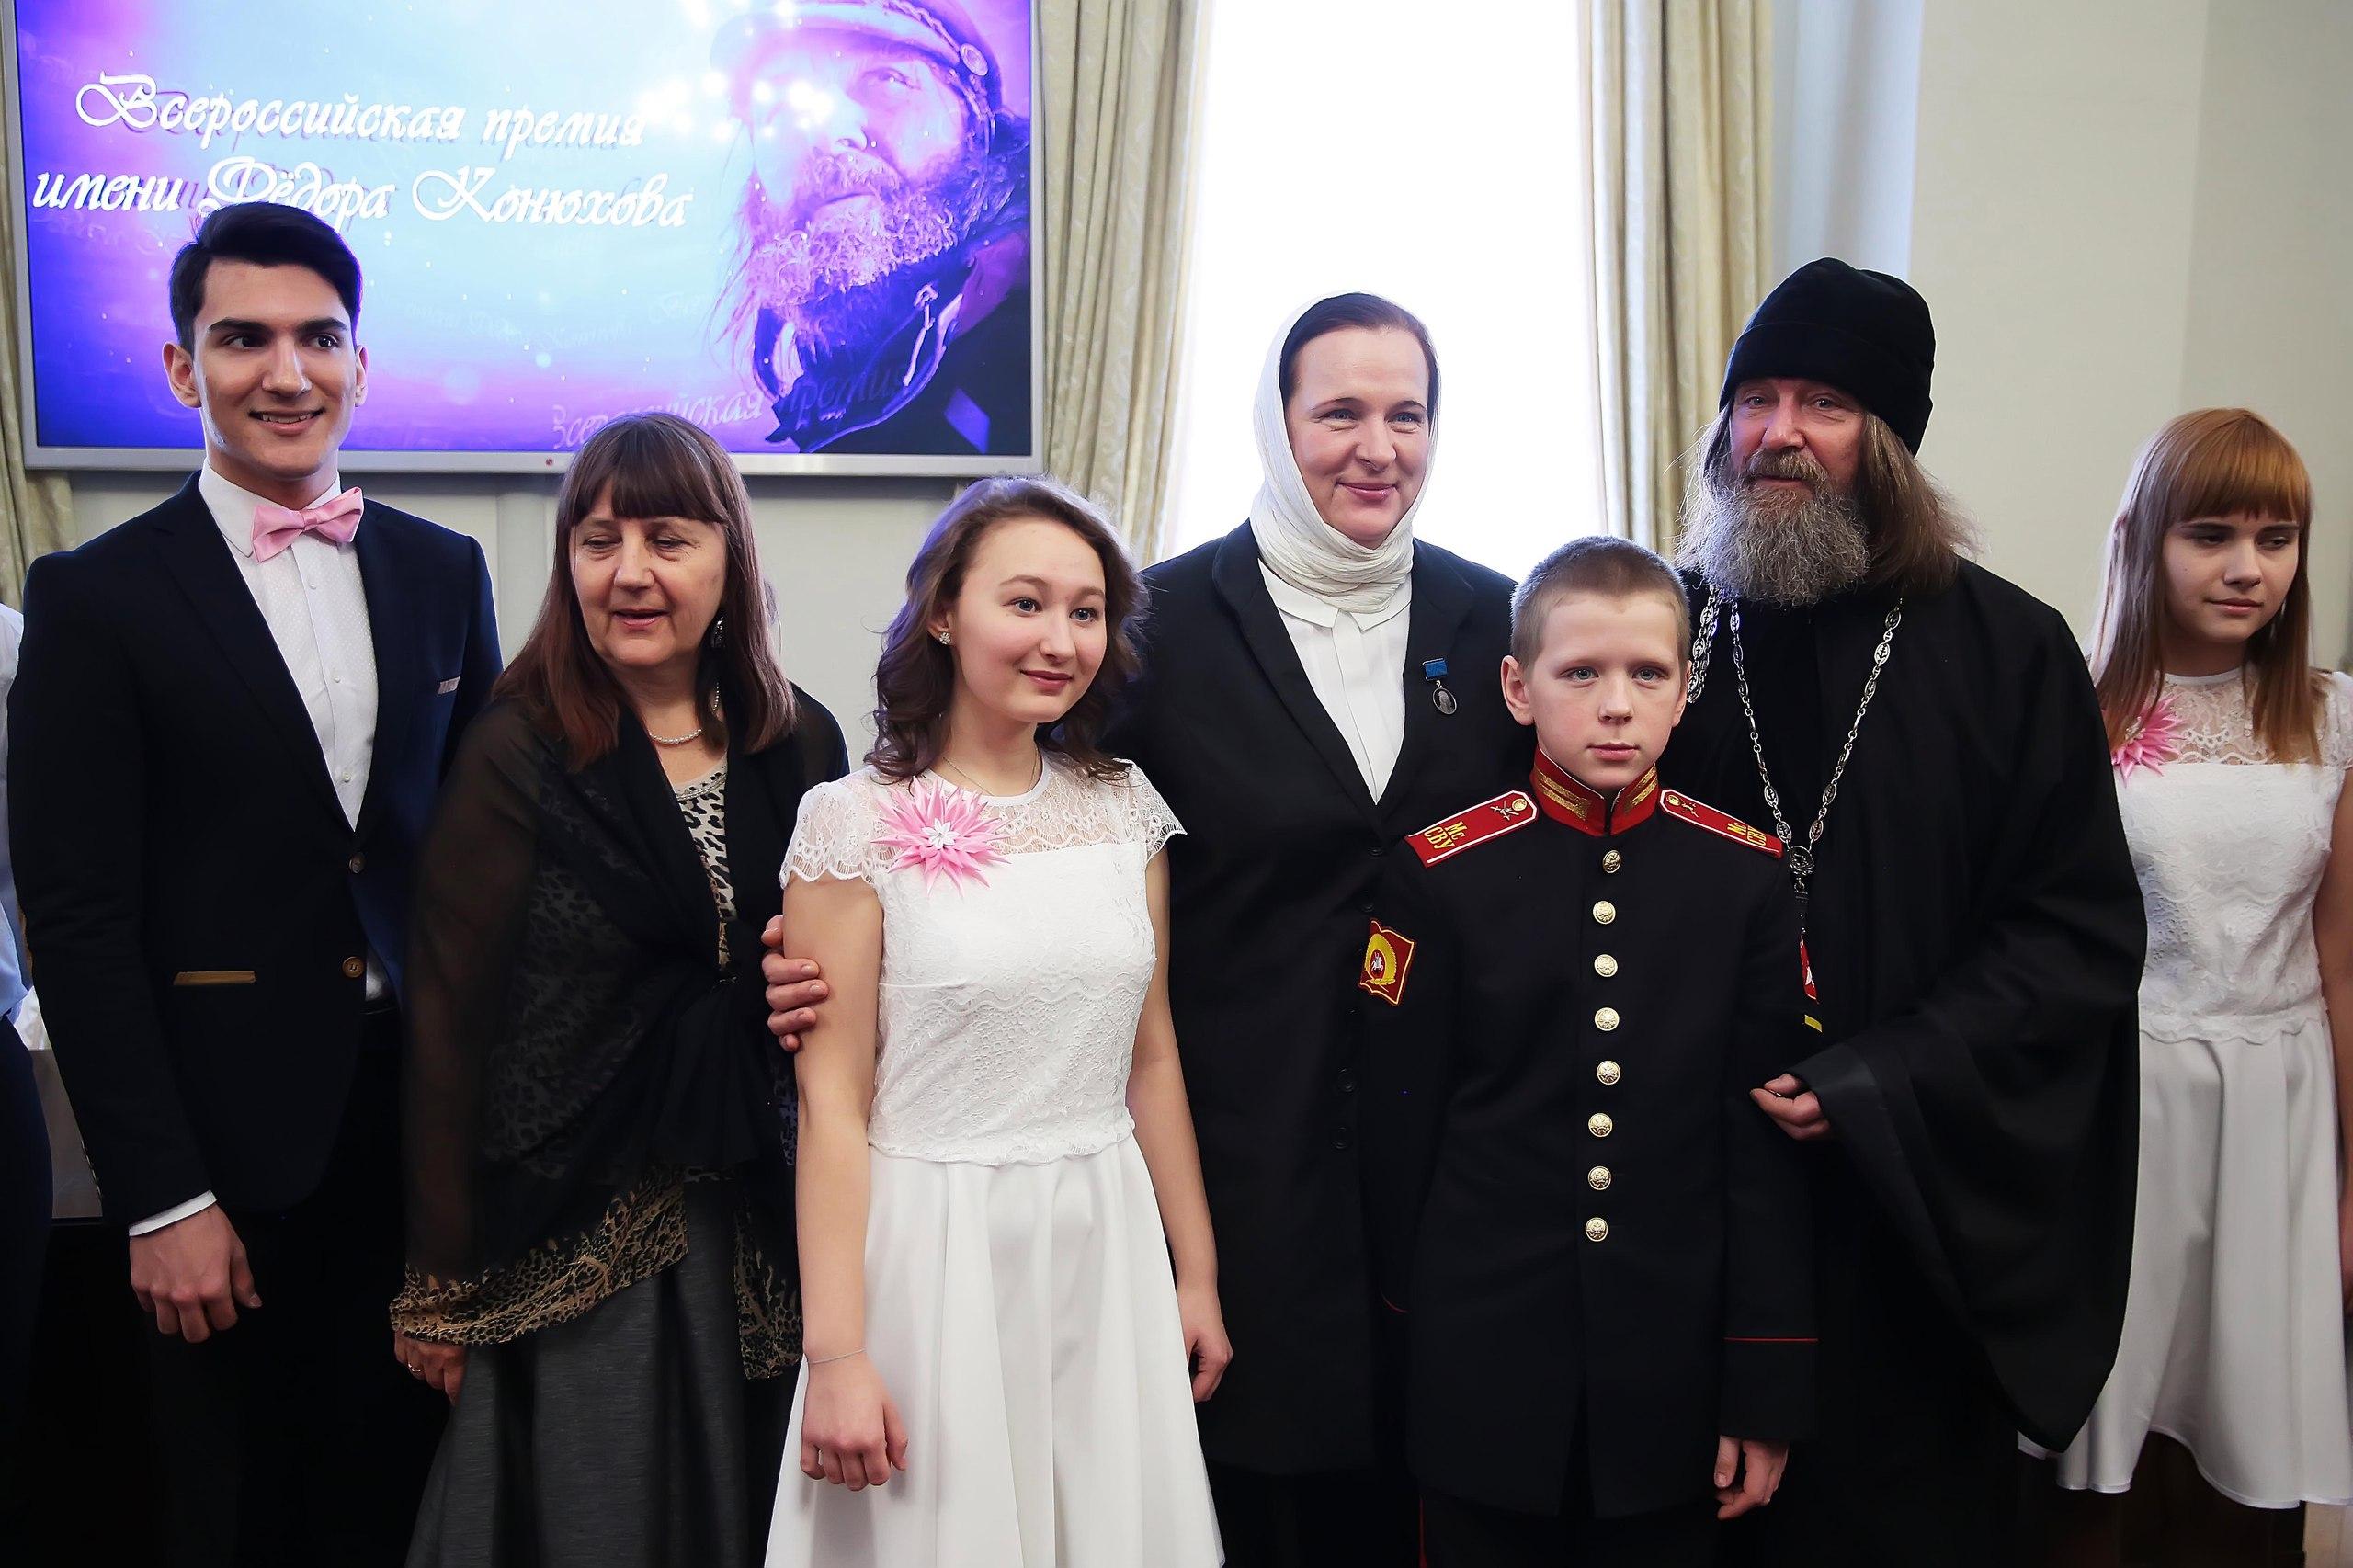 В Тобольске наградили лауреатов премии Федора Конюхова